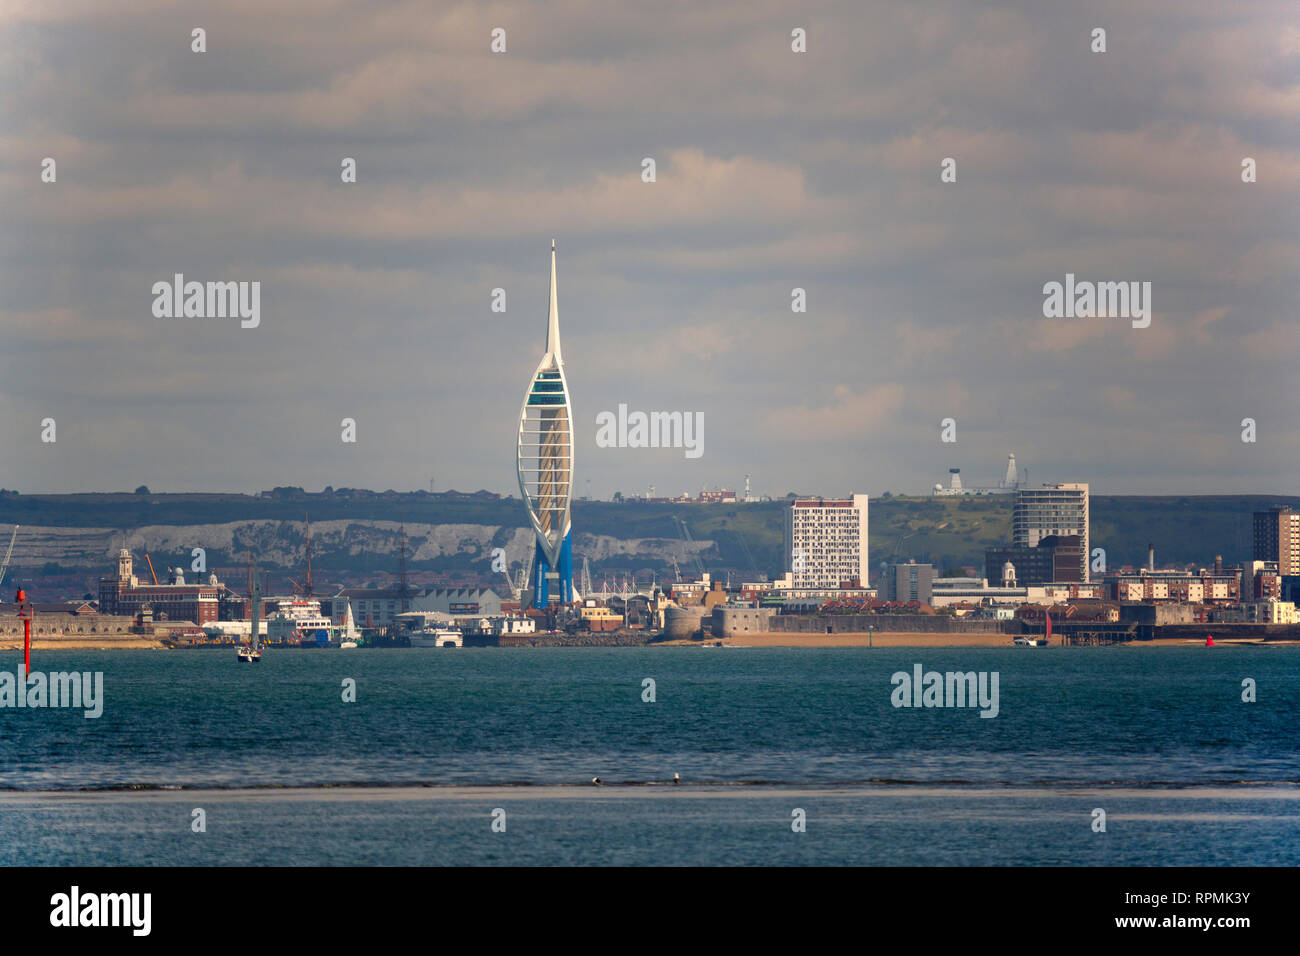 The Solent, Portsmouth, Hampshire, England, UK, - Stock Image